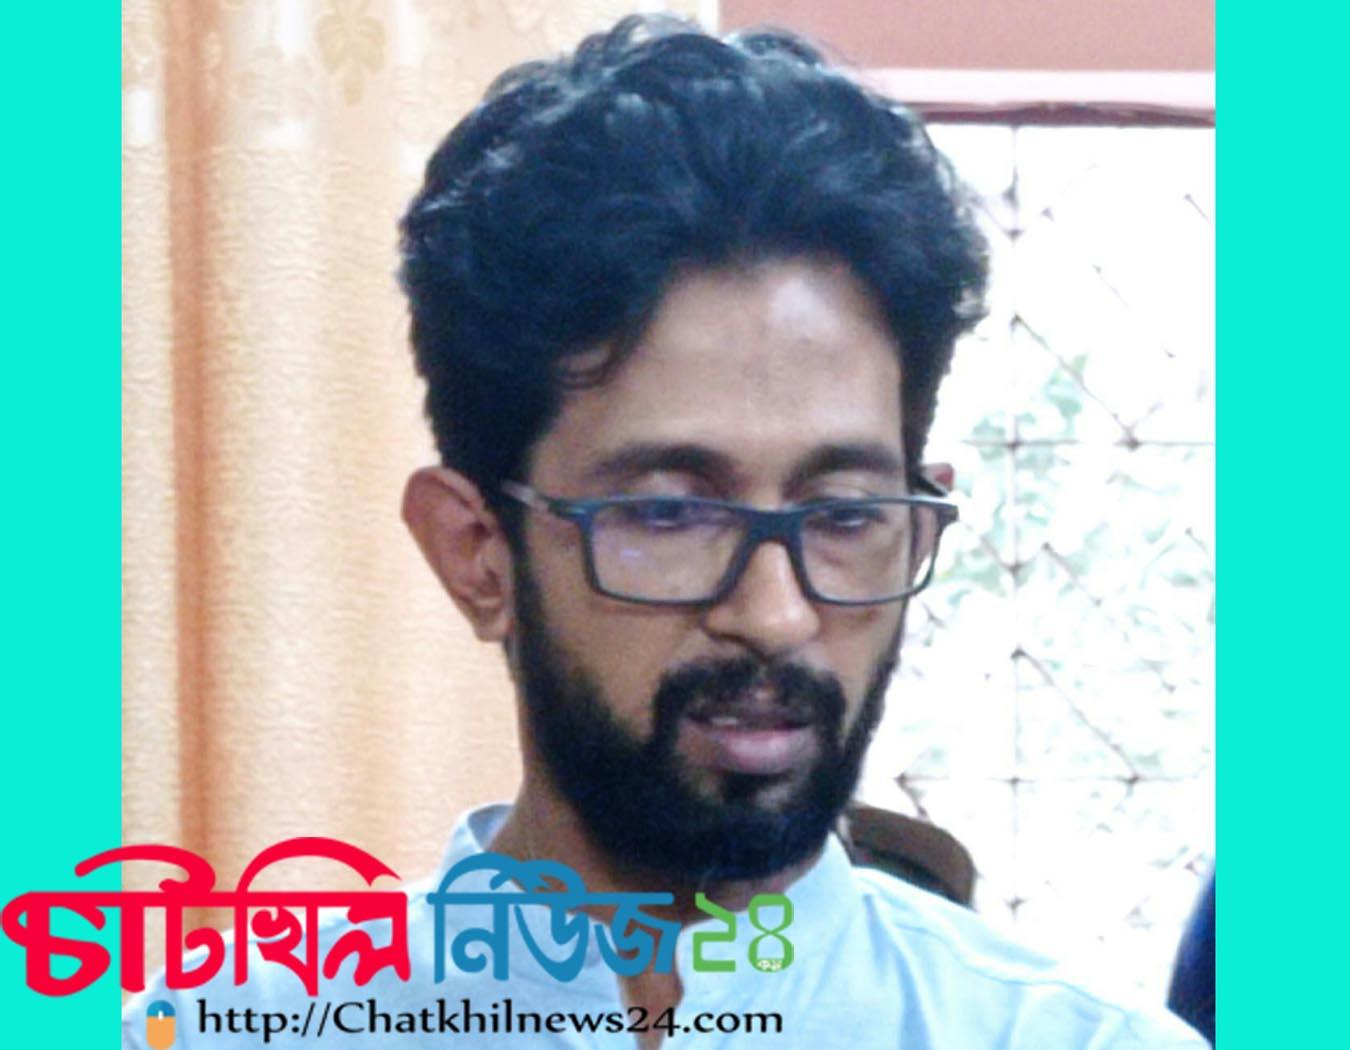 চাটখিলে ভুয়া ডাক্তার আটক, ২ বছরের কারাদন্ড